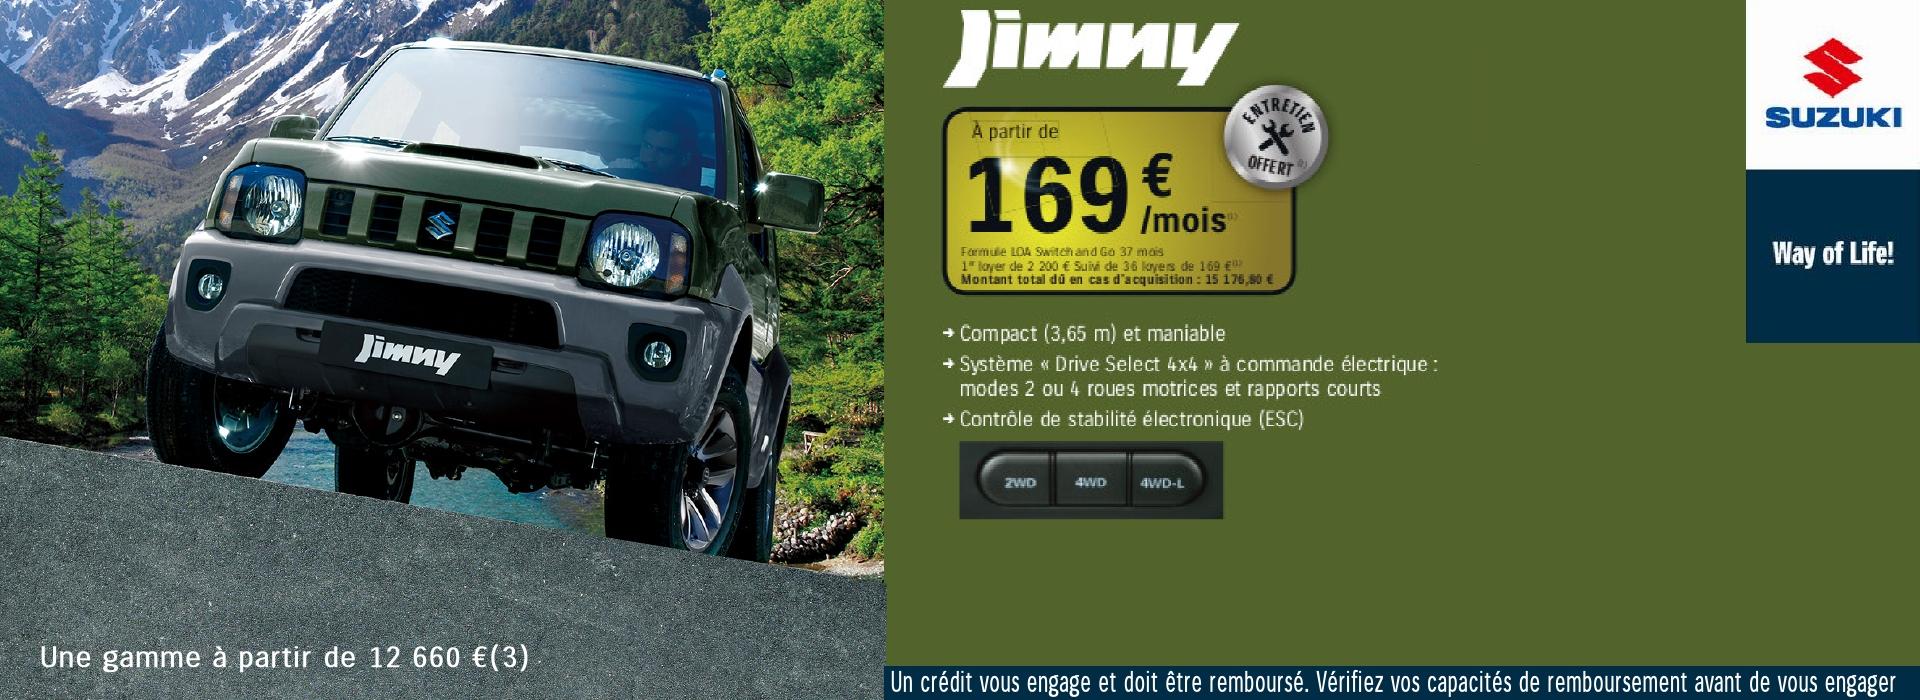 Jimny l'authentique 4x4